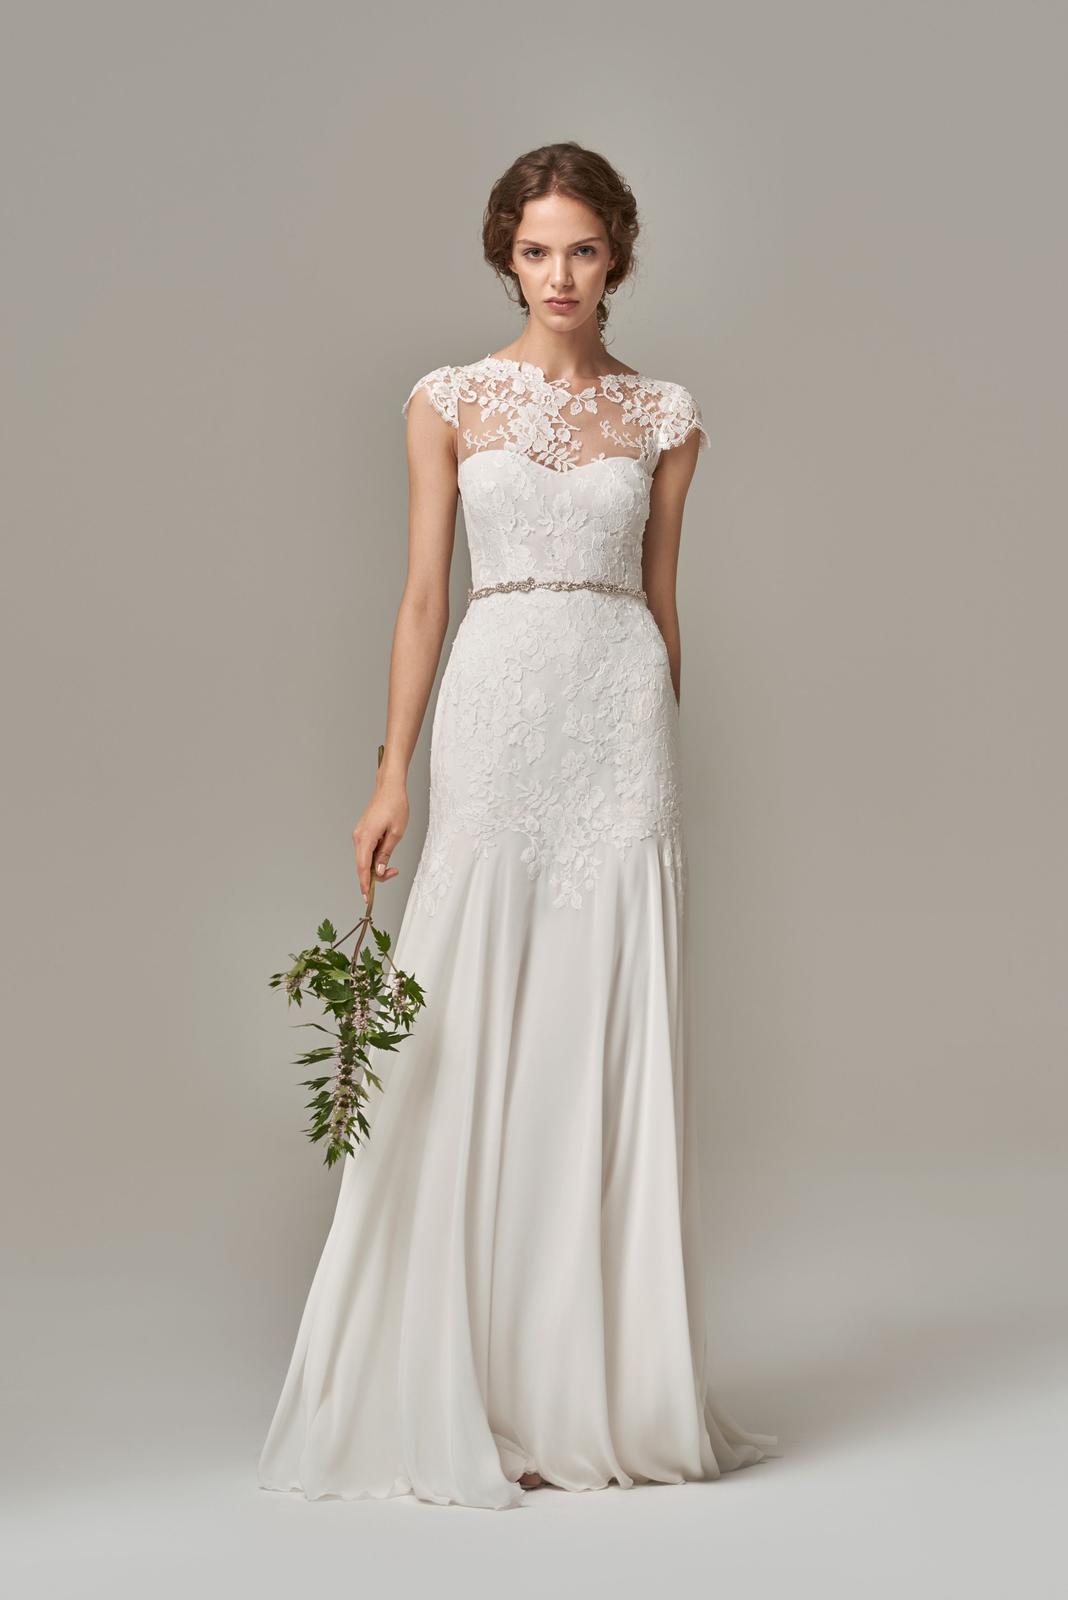 Anna Kara * Svadobné šaty z kolekcií na rok 2019 - Obrázok č. 43